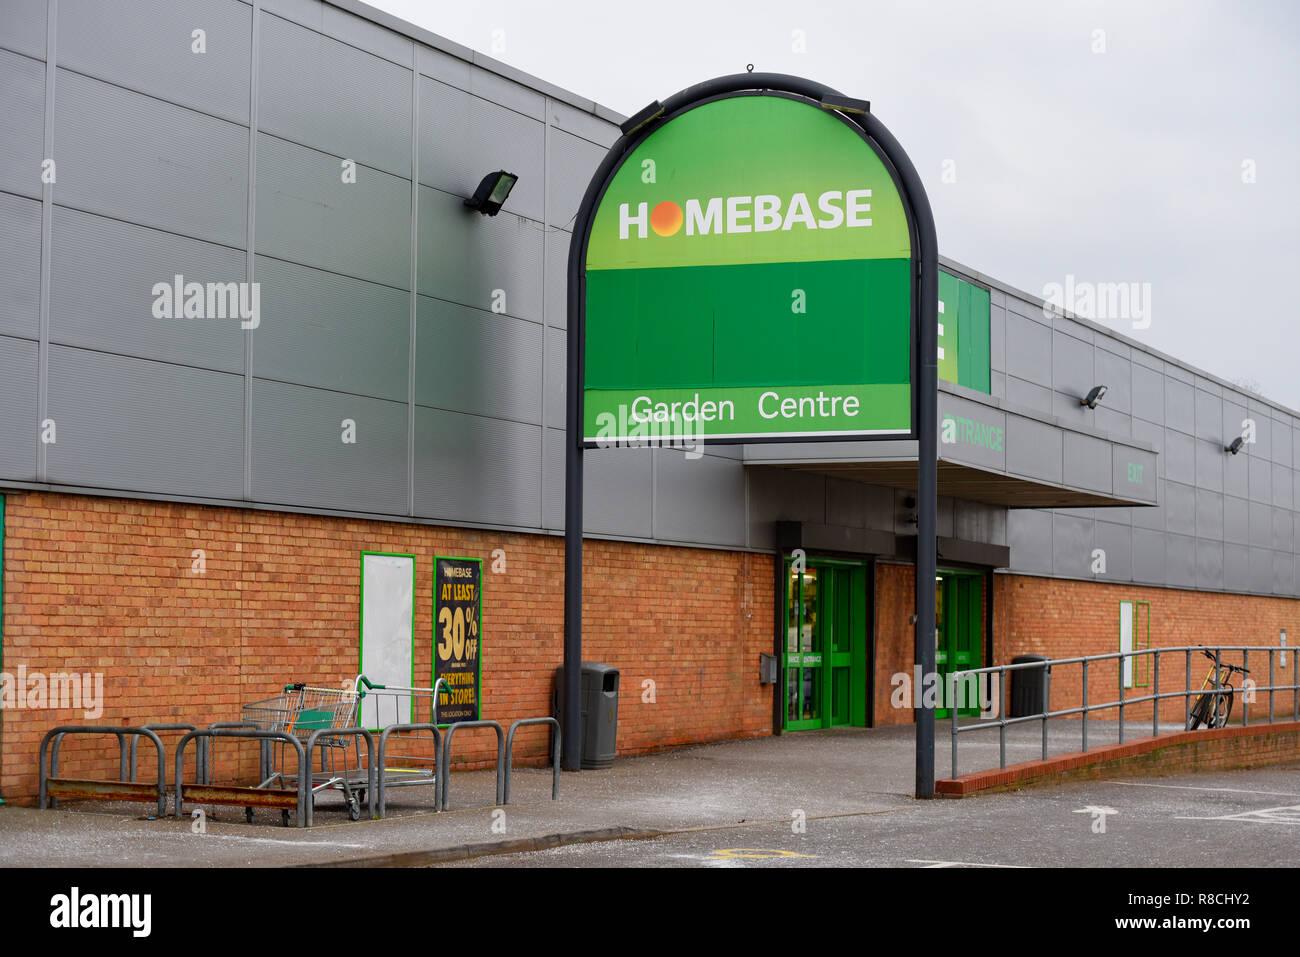 Homebase Store Retail Stock Photos & Homebase Store Retail